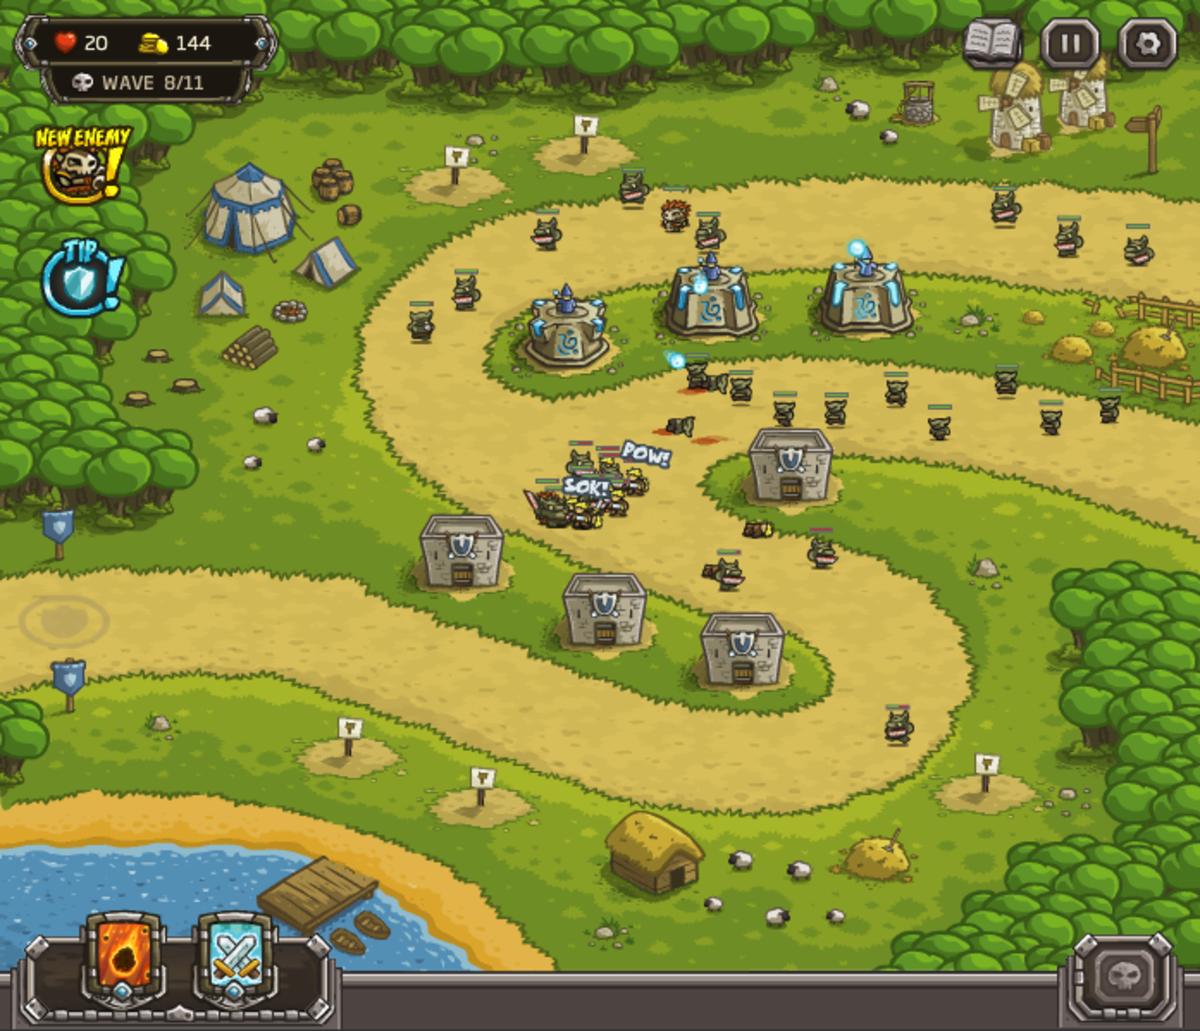 Kingdom Rush Walkthrough: Level 3 - Pagras